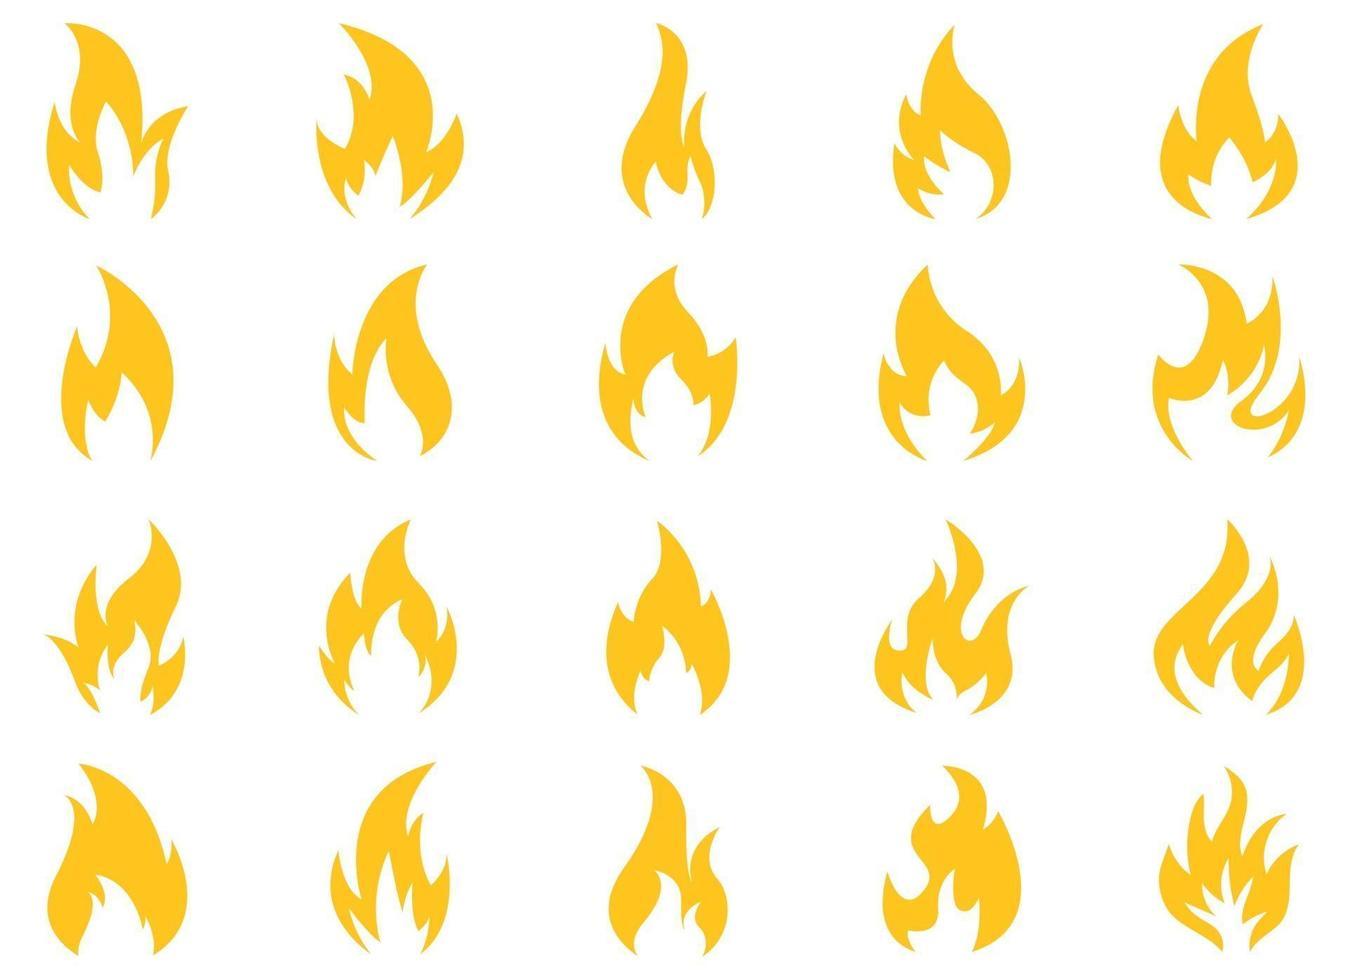 Feuerikonenvektor-Entwurfsillustrationssatz lokalisiert auf weißem Hintergrund vektor